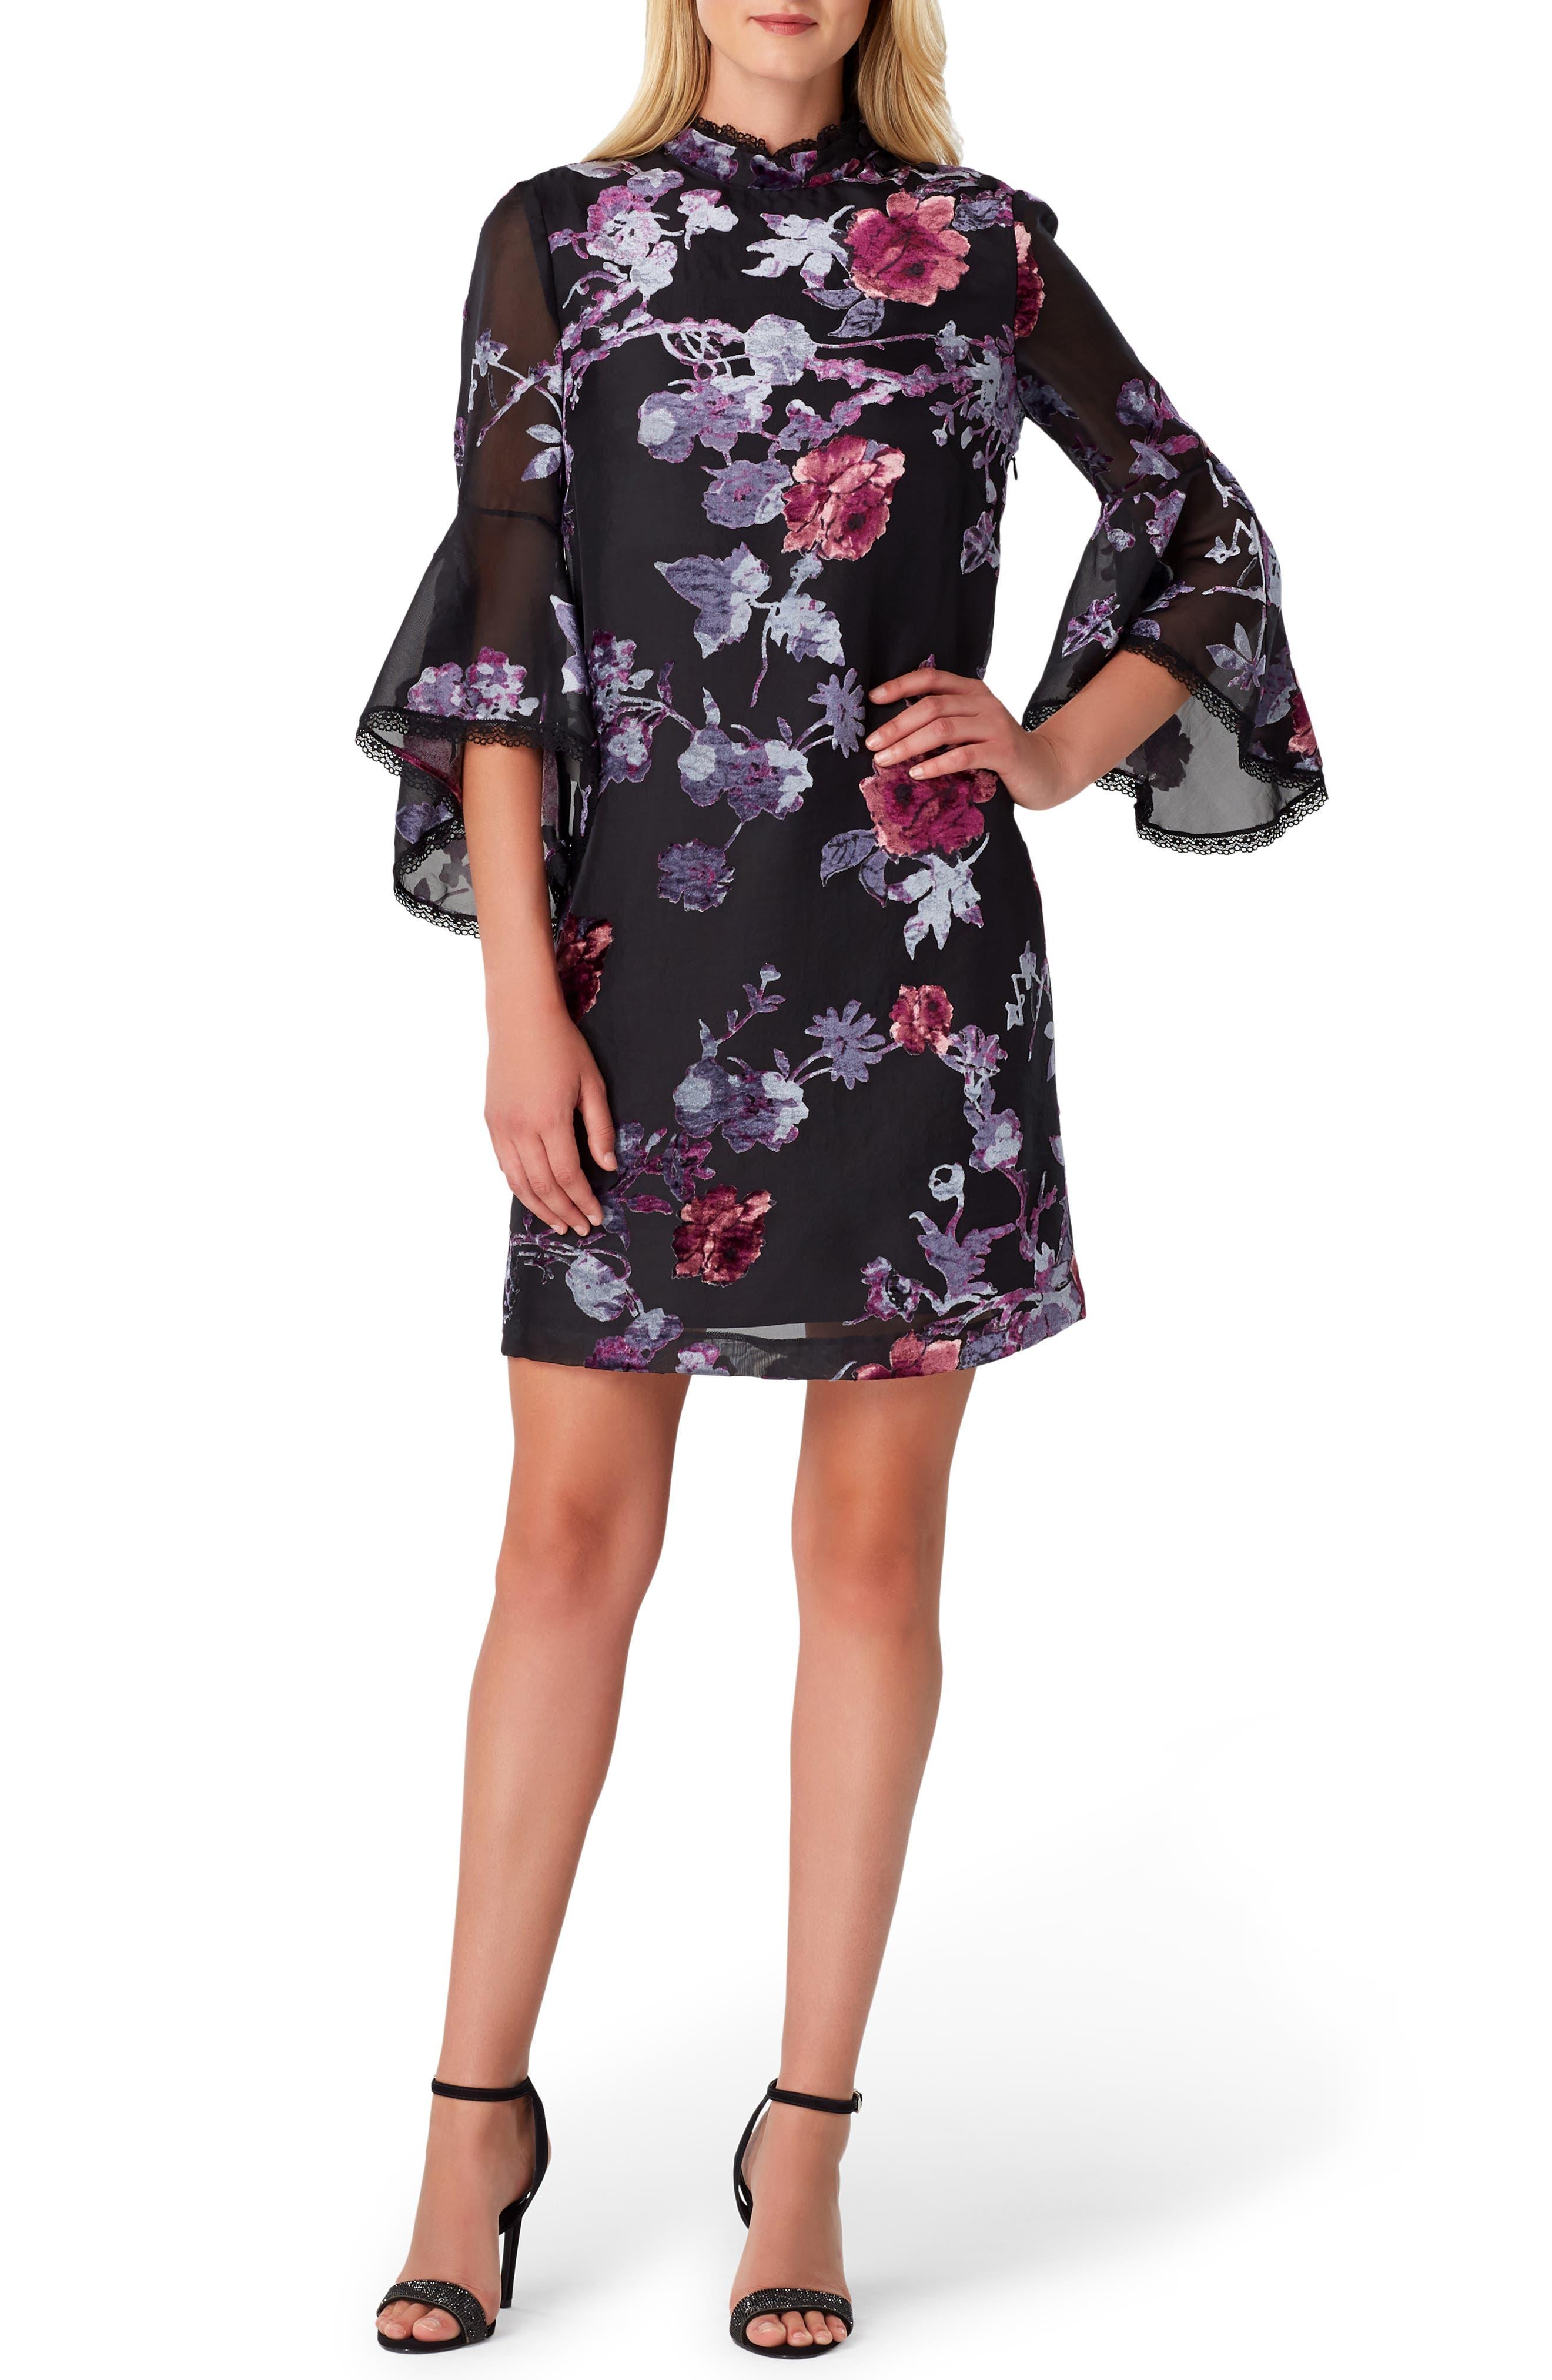 b4e6bd35f1f42c Tahari Dresses